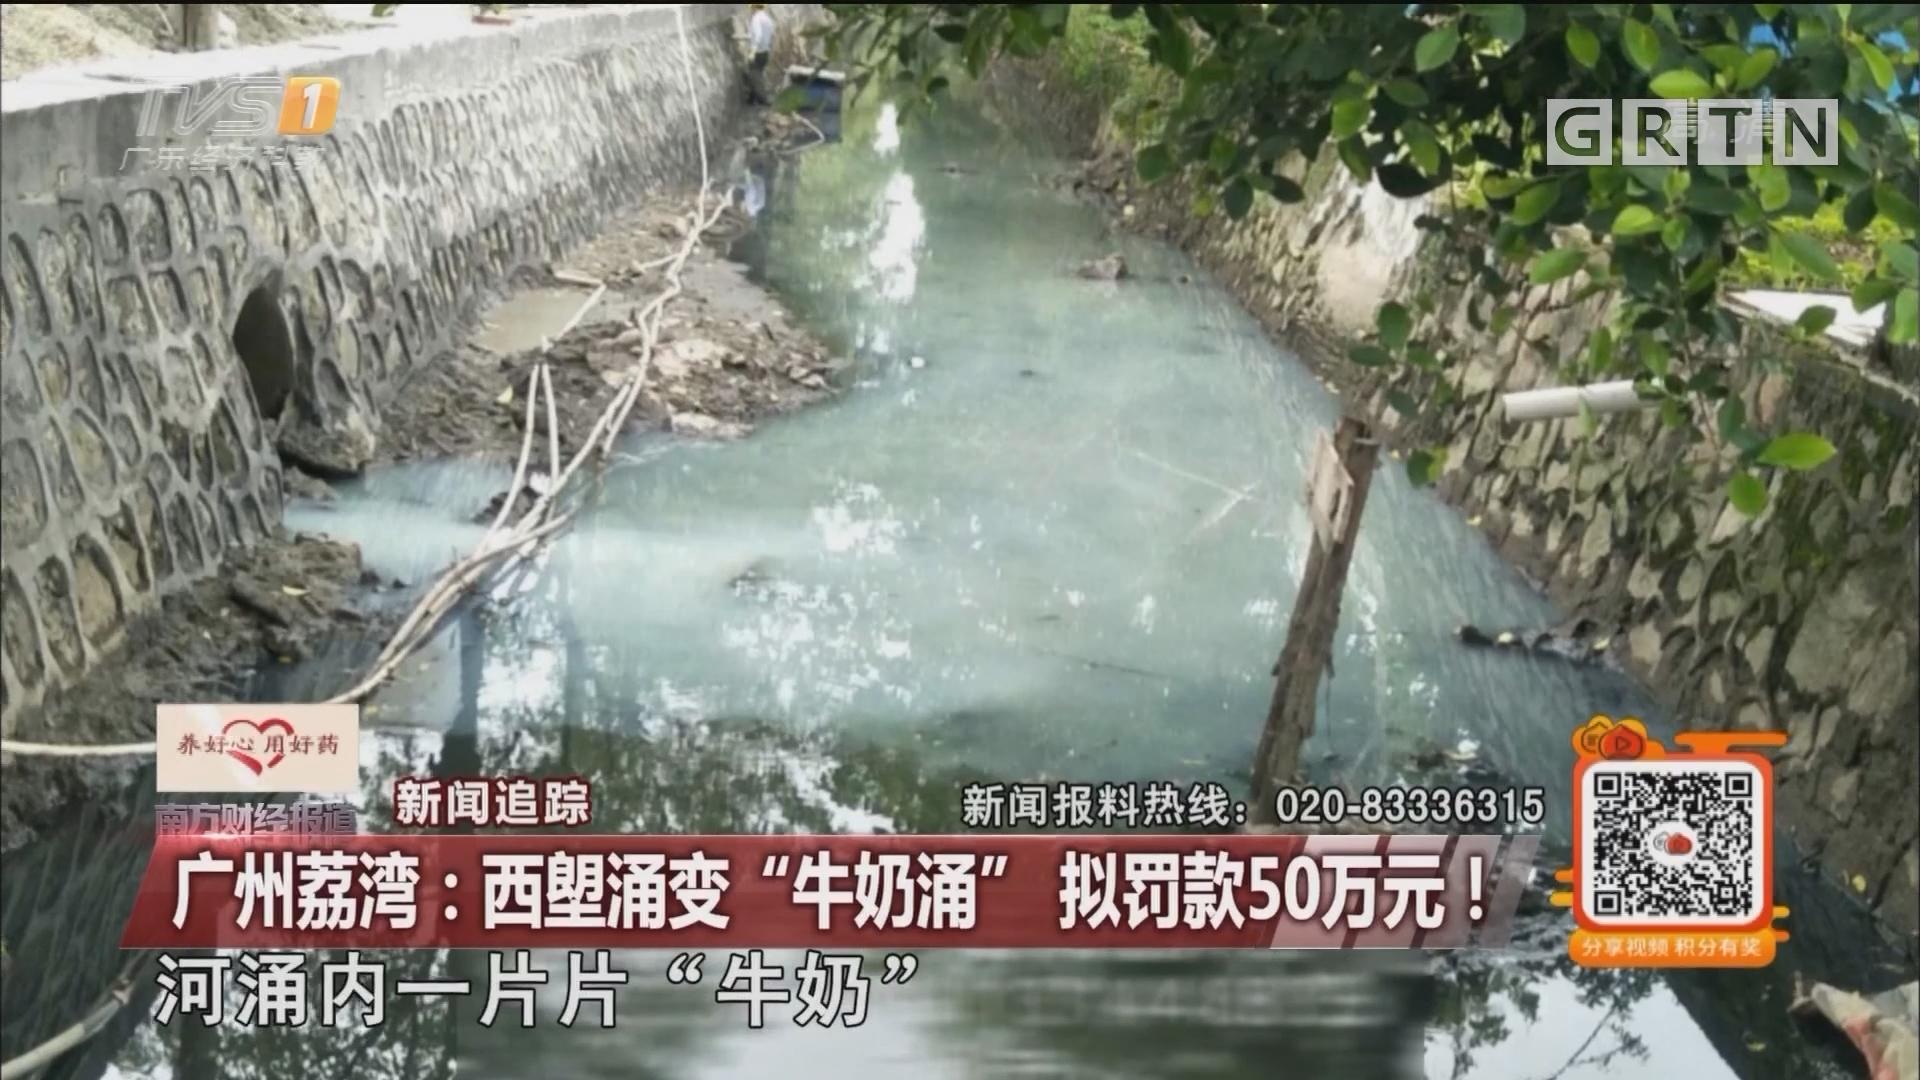 """广州荔湾:西塱涌变""""牛奶涌"""" 拟罚款50万元!"""